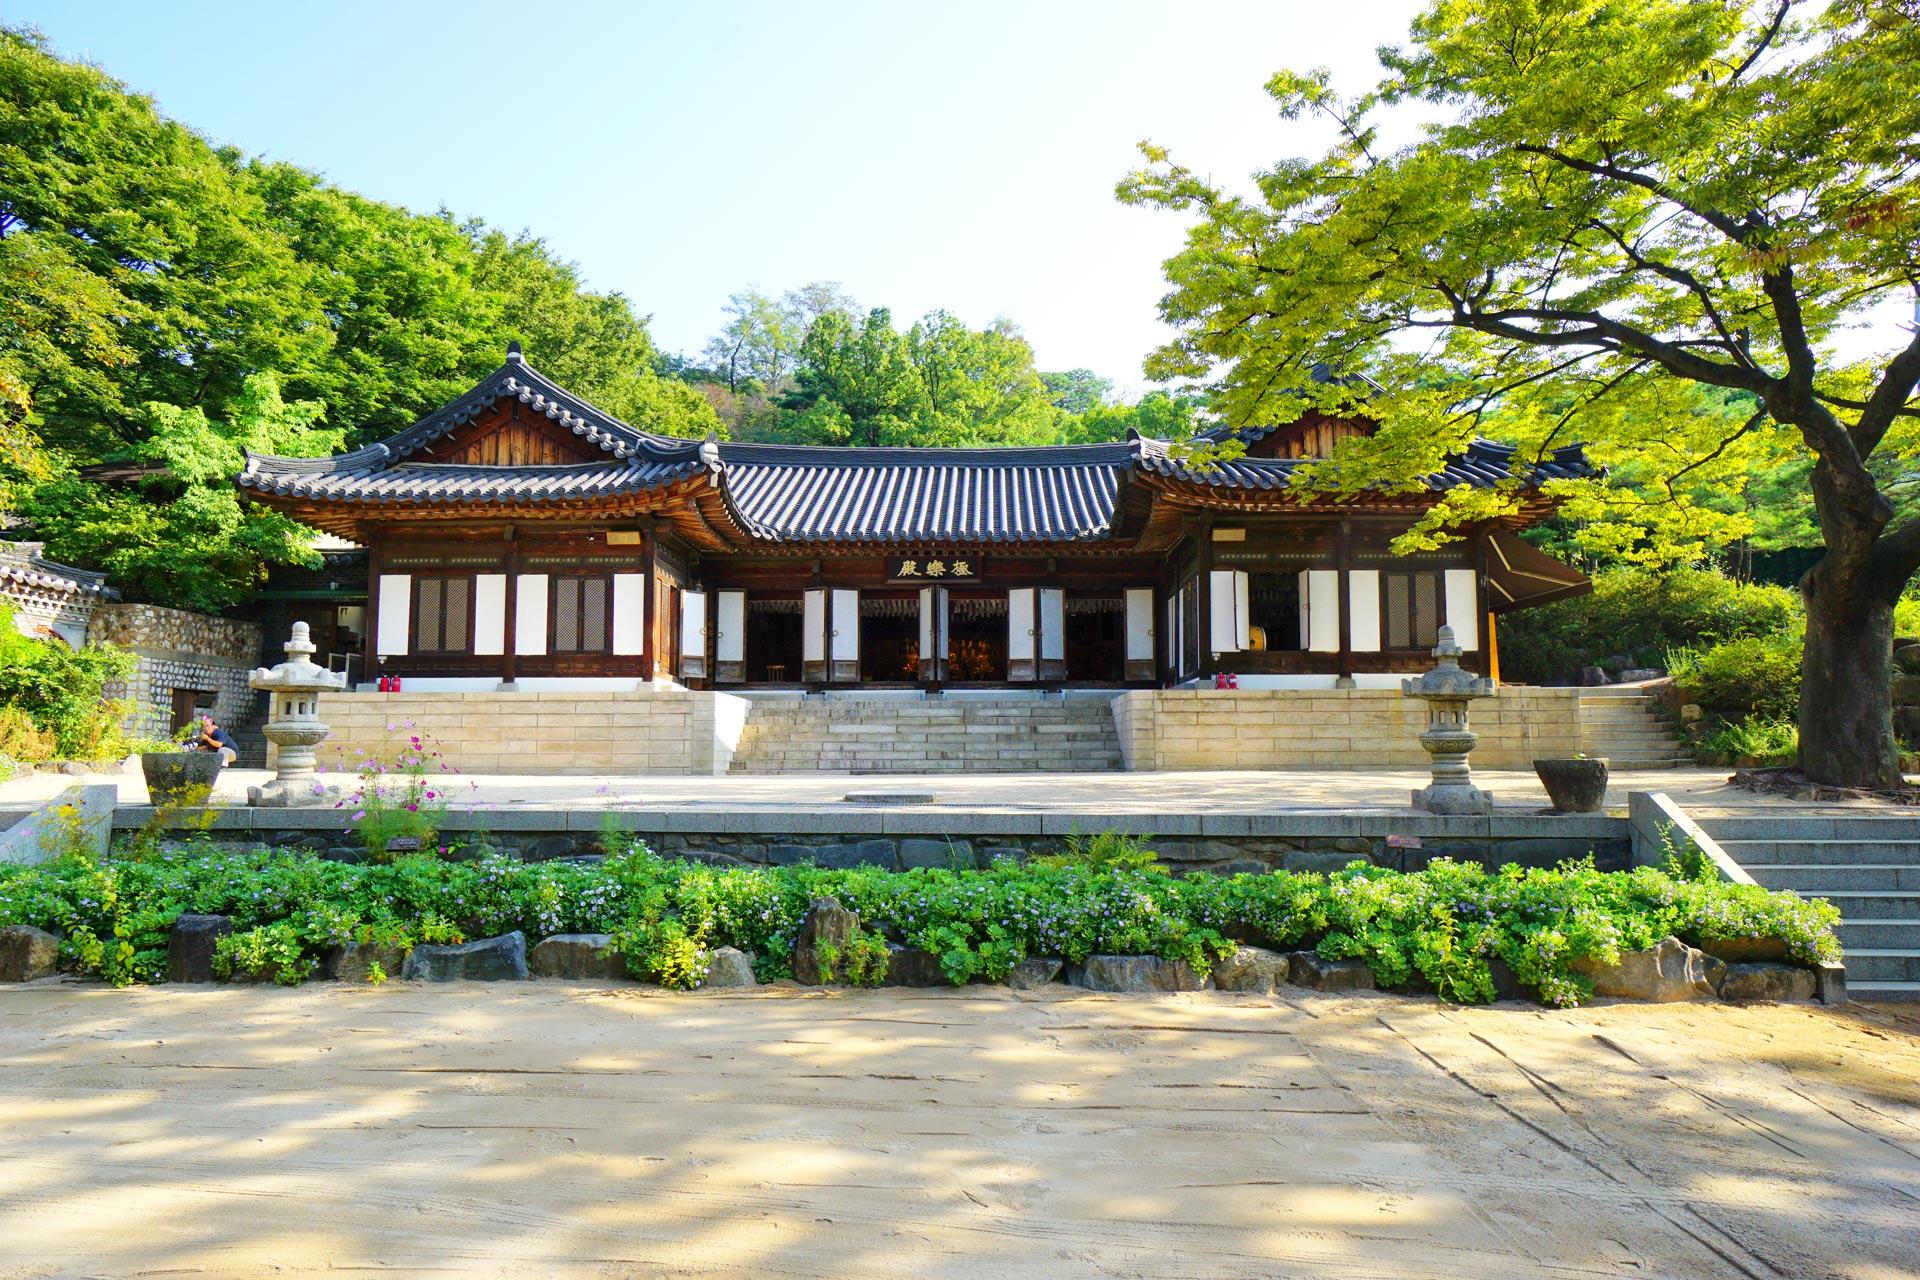 Das Hauptgebäude des Gilsangsa Tempels war ein einstiges Restaurant für Politiker und hochrankende Militärs.